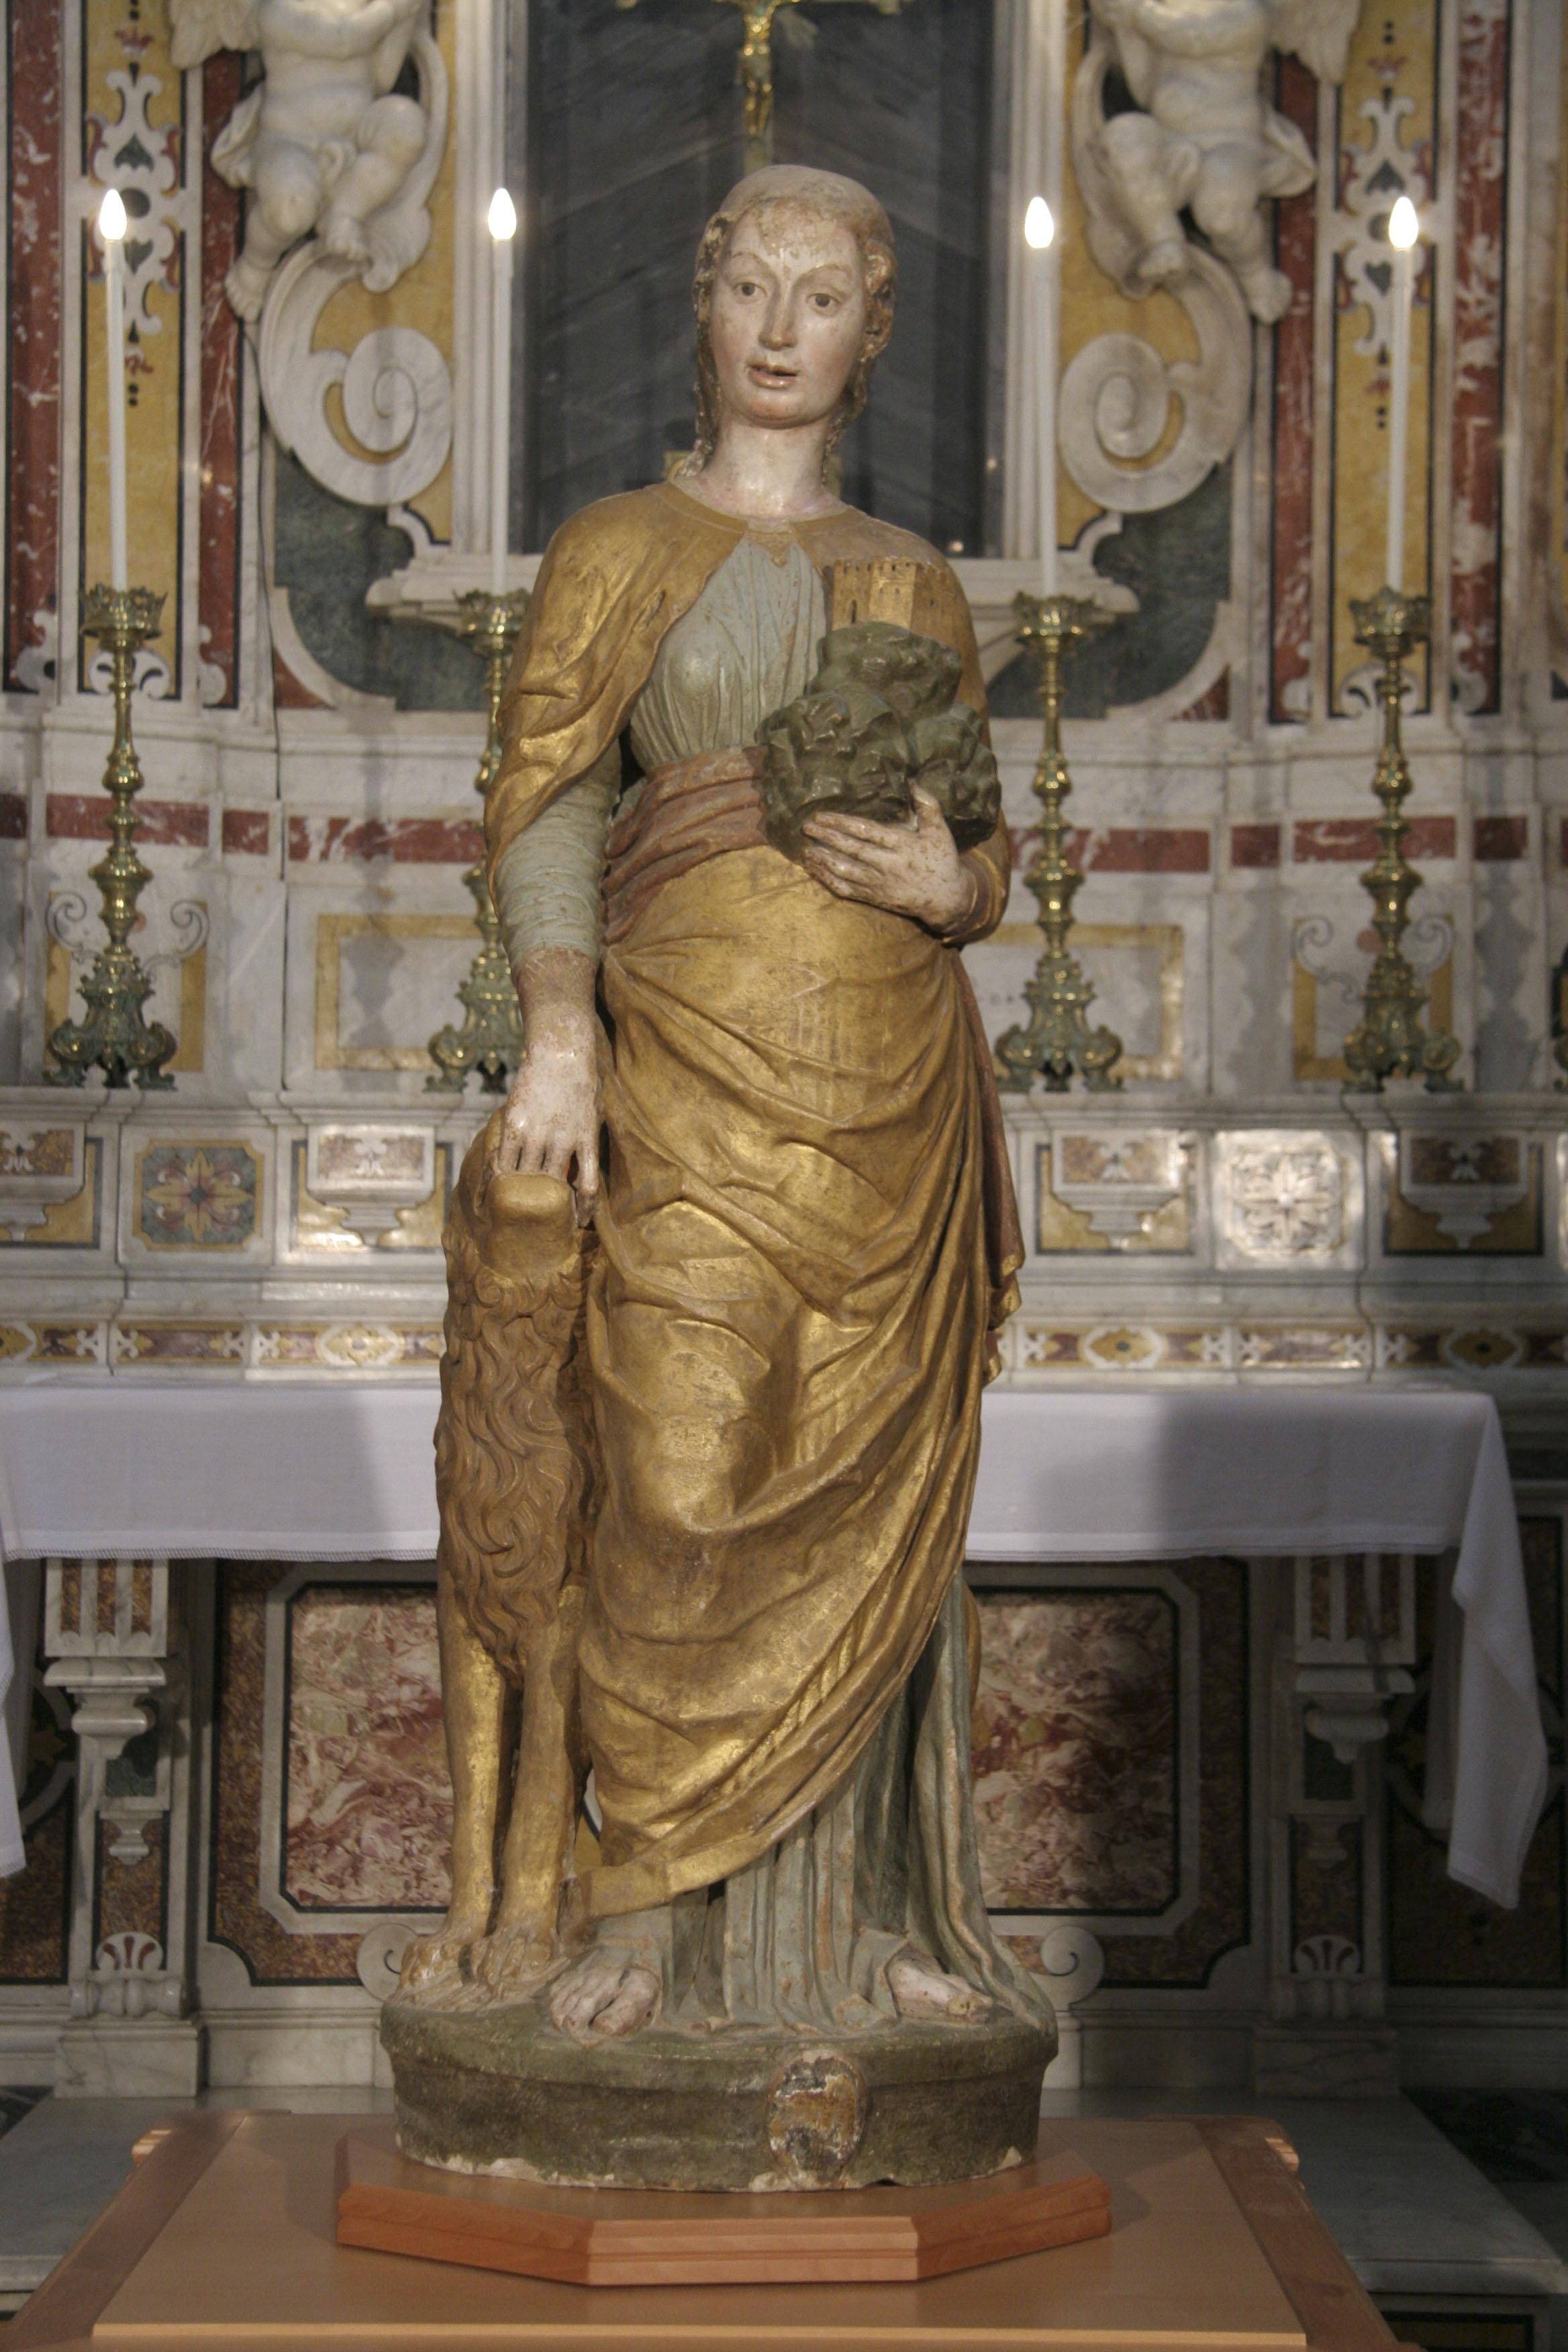 Cattedrale di Irsina - Statua di Sant'Eufemia del Mantegna